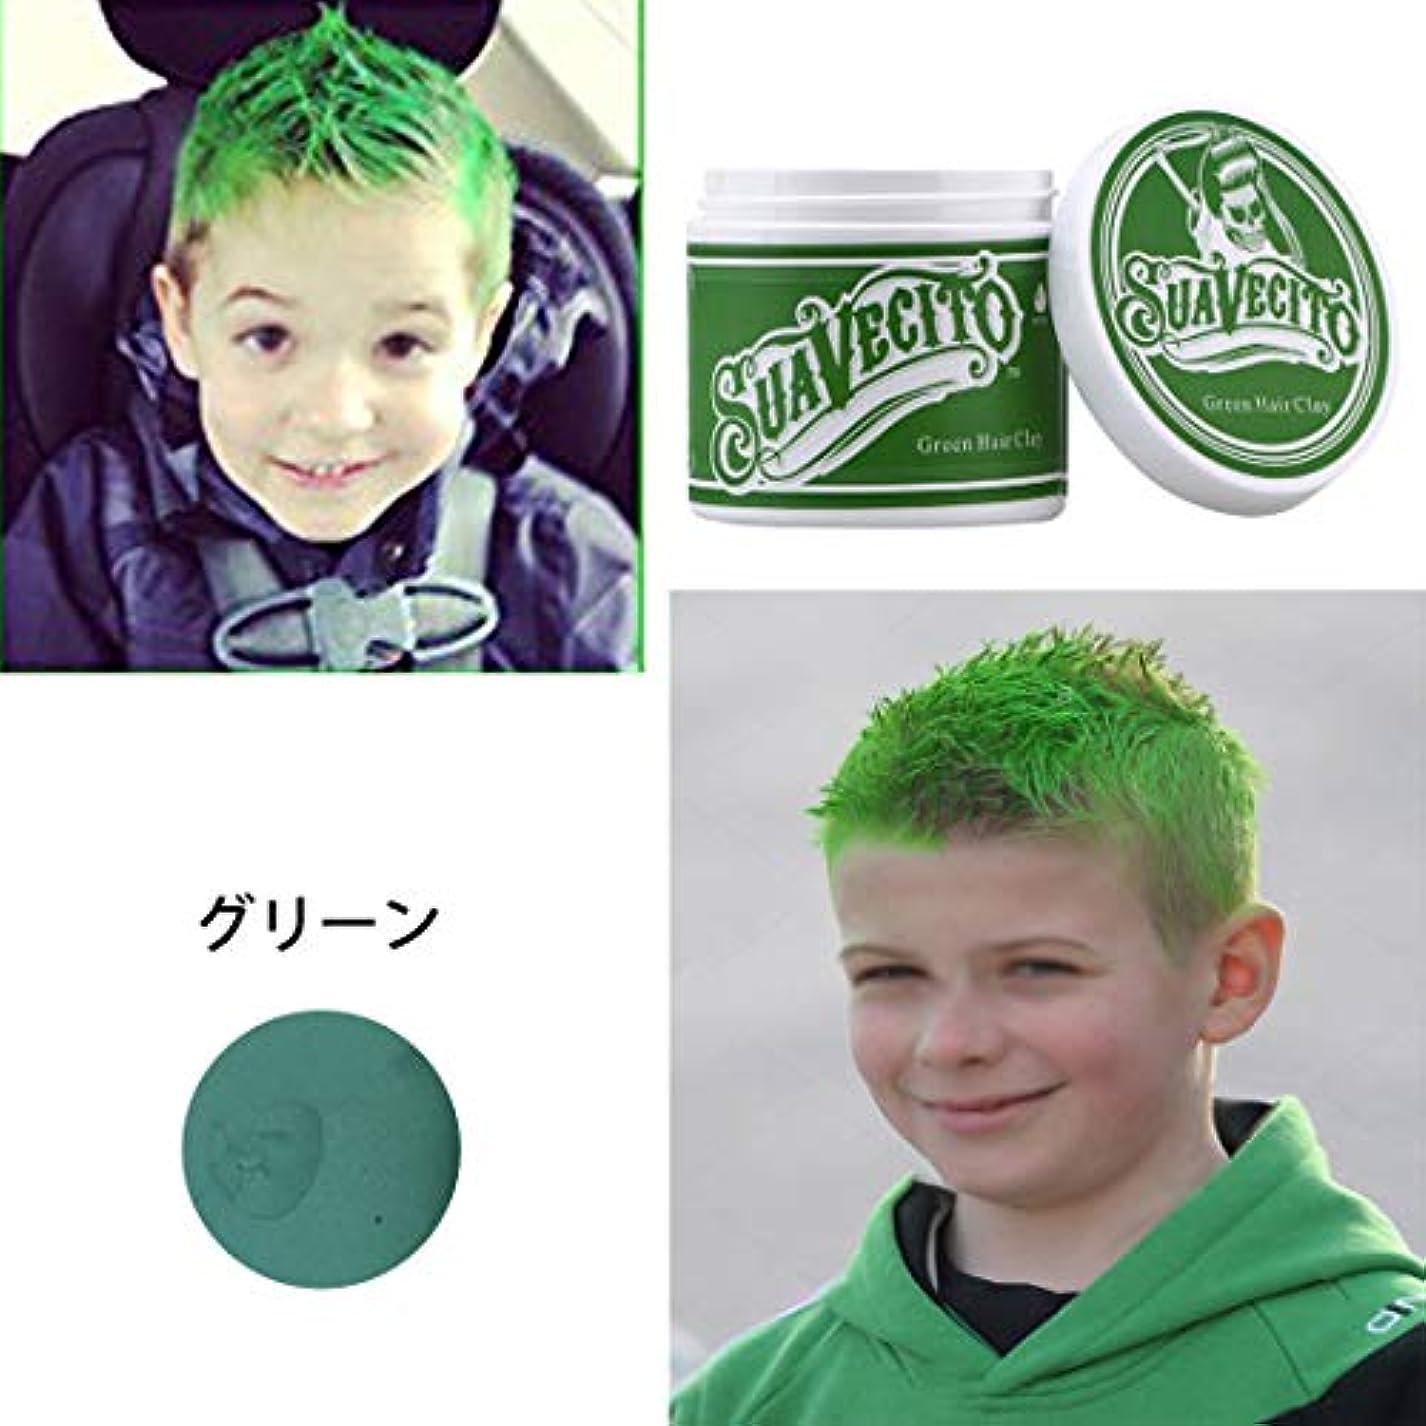 カラー ワックス ワンタイムヘアワックス カラースタイリングワックス DIYヘアカラーワックス泥 (グリーン)